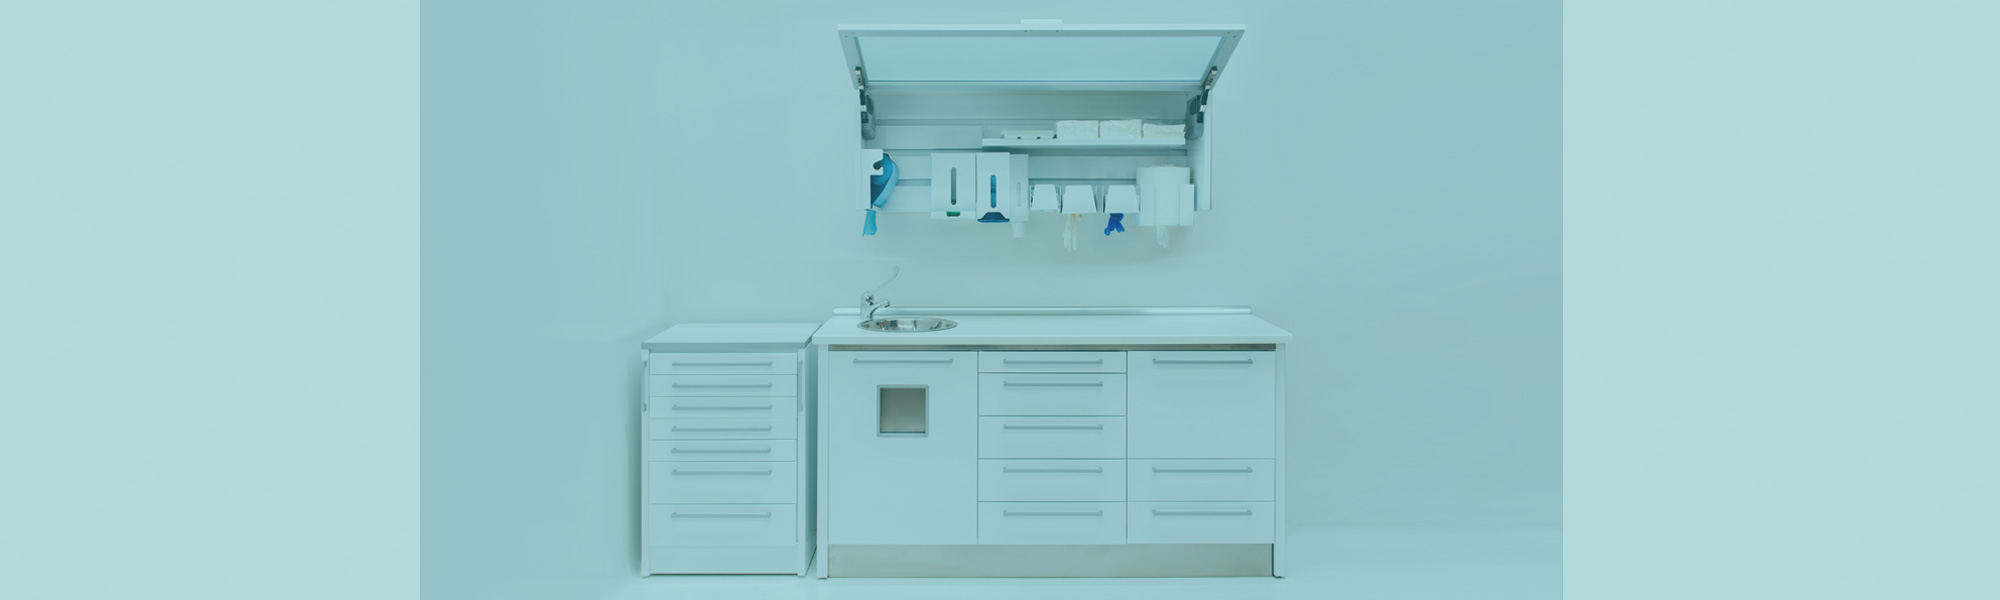 Mobiliario para cl nicas dentales y laboratorios de - Muebles para clinicas dentales ...